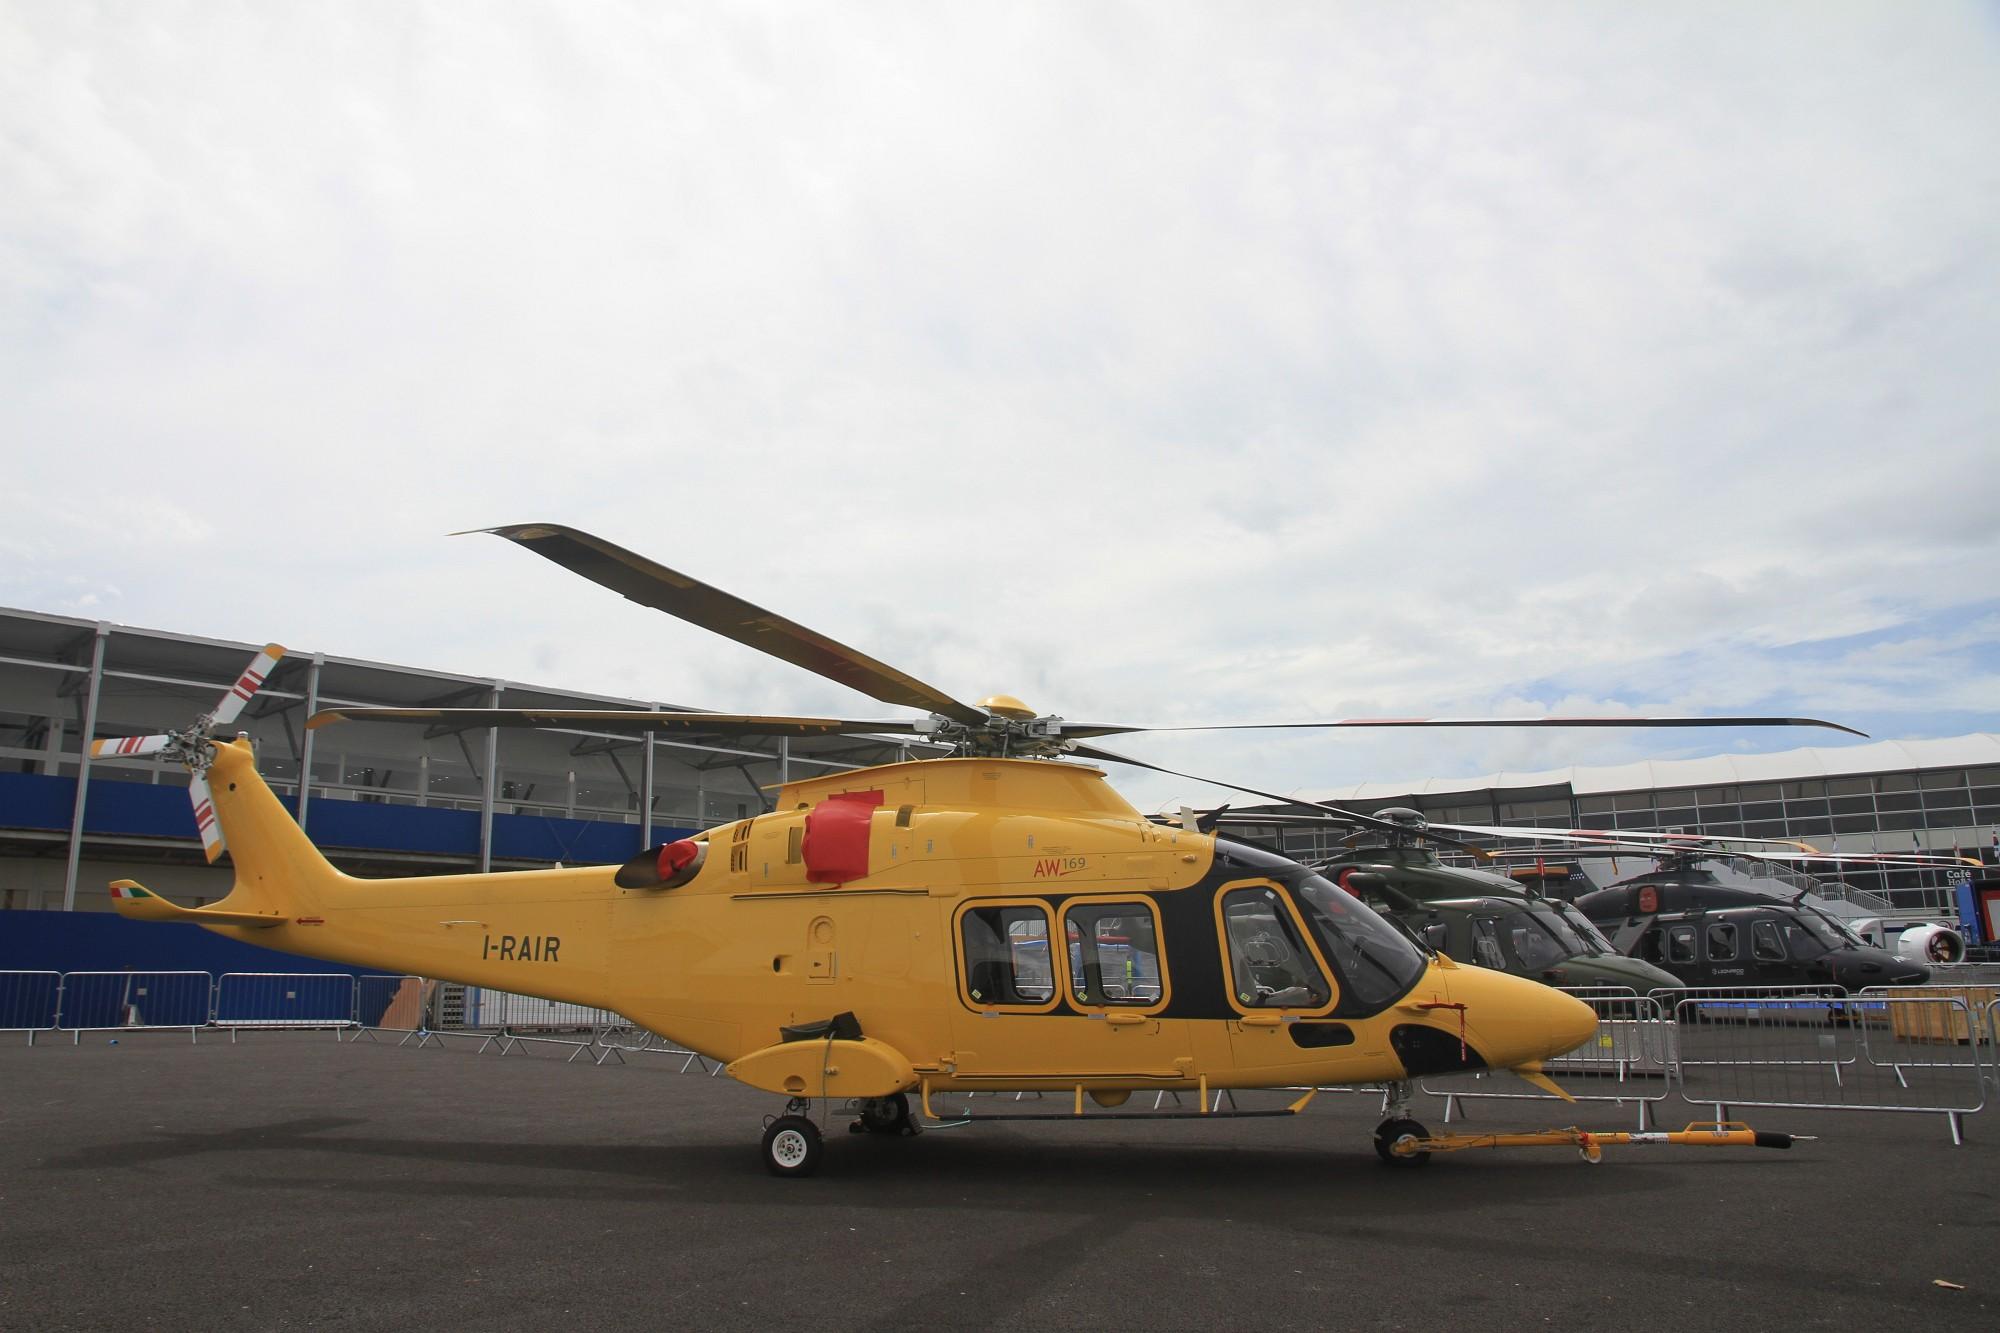 Новый средний коммерческий вертолет Leonardo-Finmeccanica Helicopter (ранее AgustaWestland) AW169. Фарнборо, 09.07.2016.